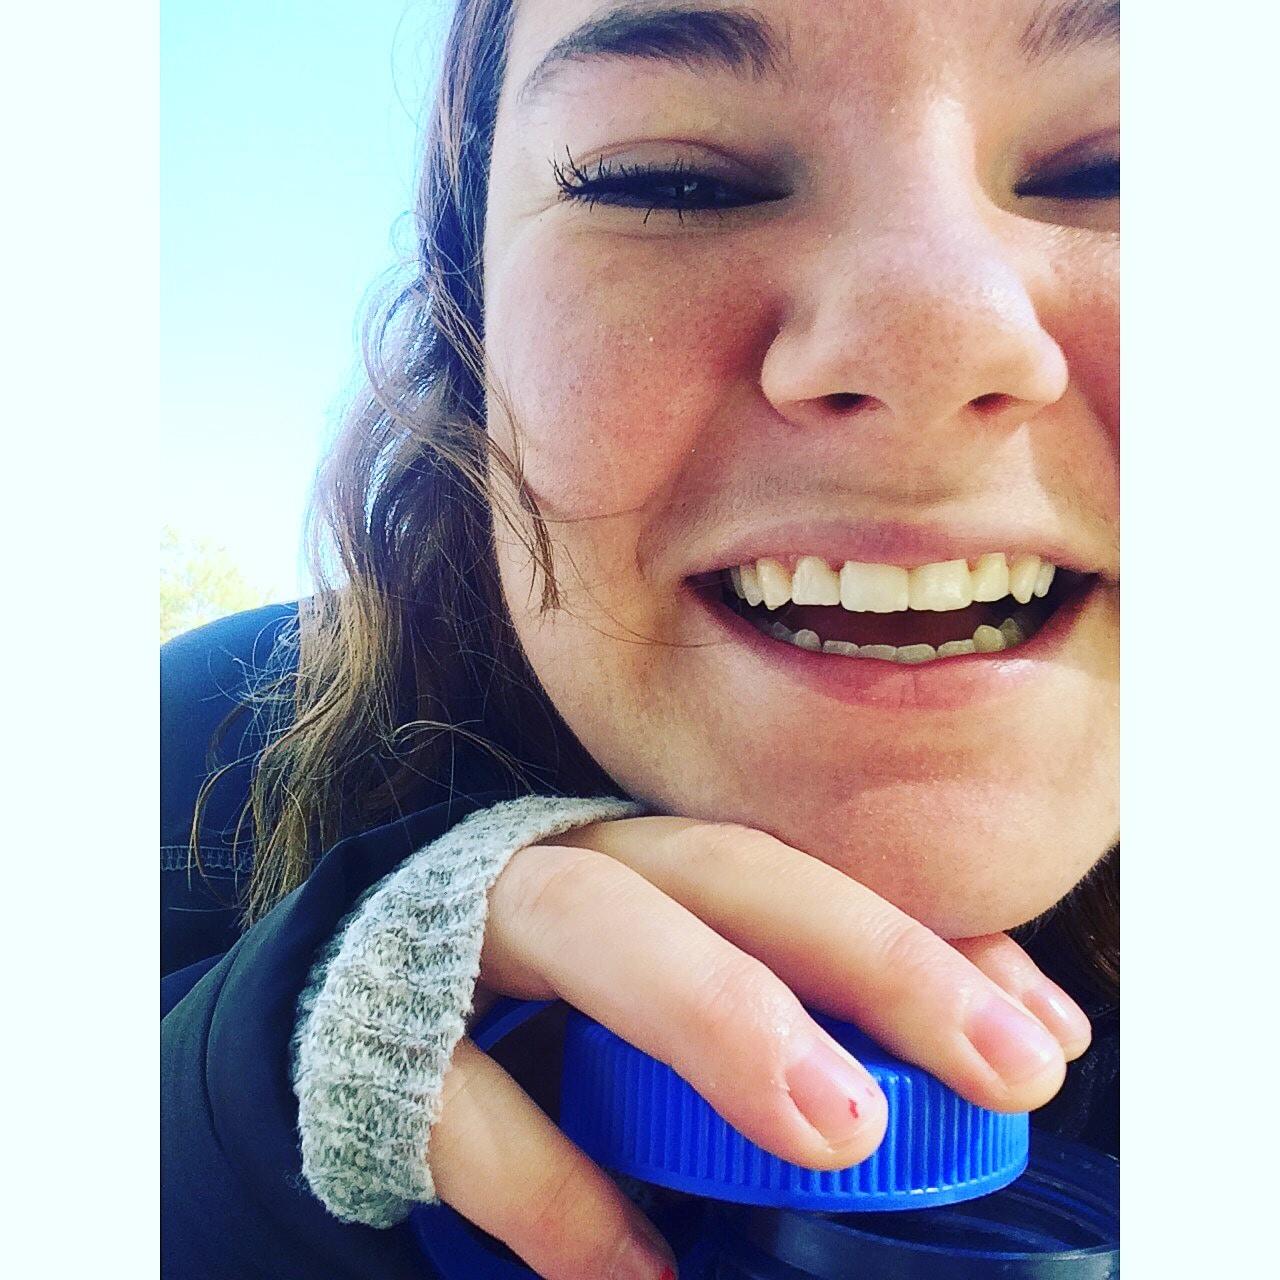 Go to Anna Rumfola's profile